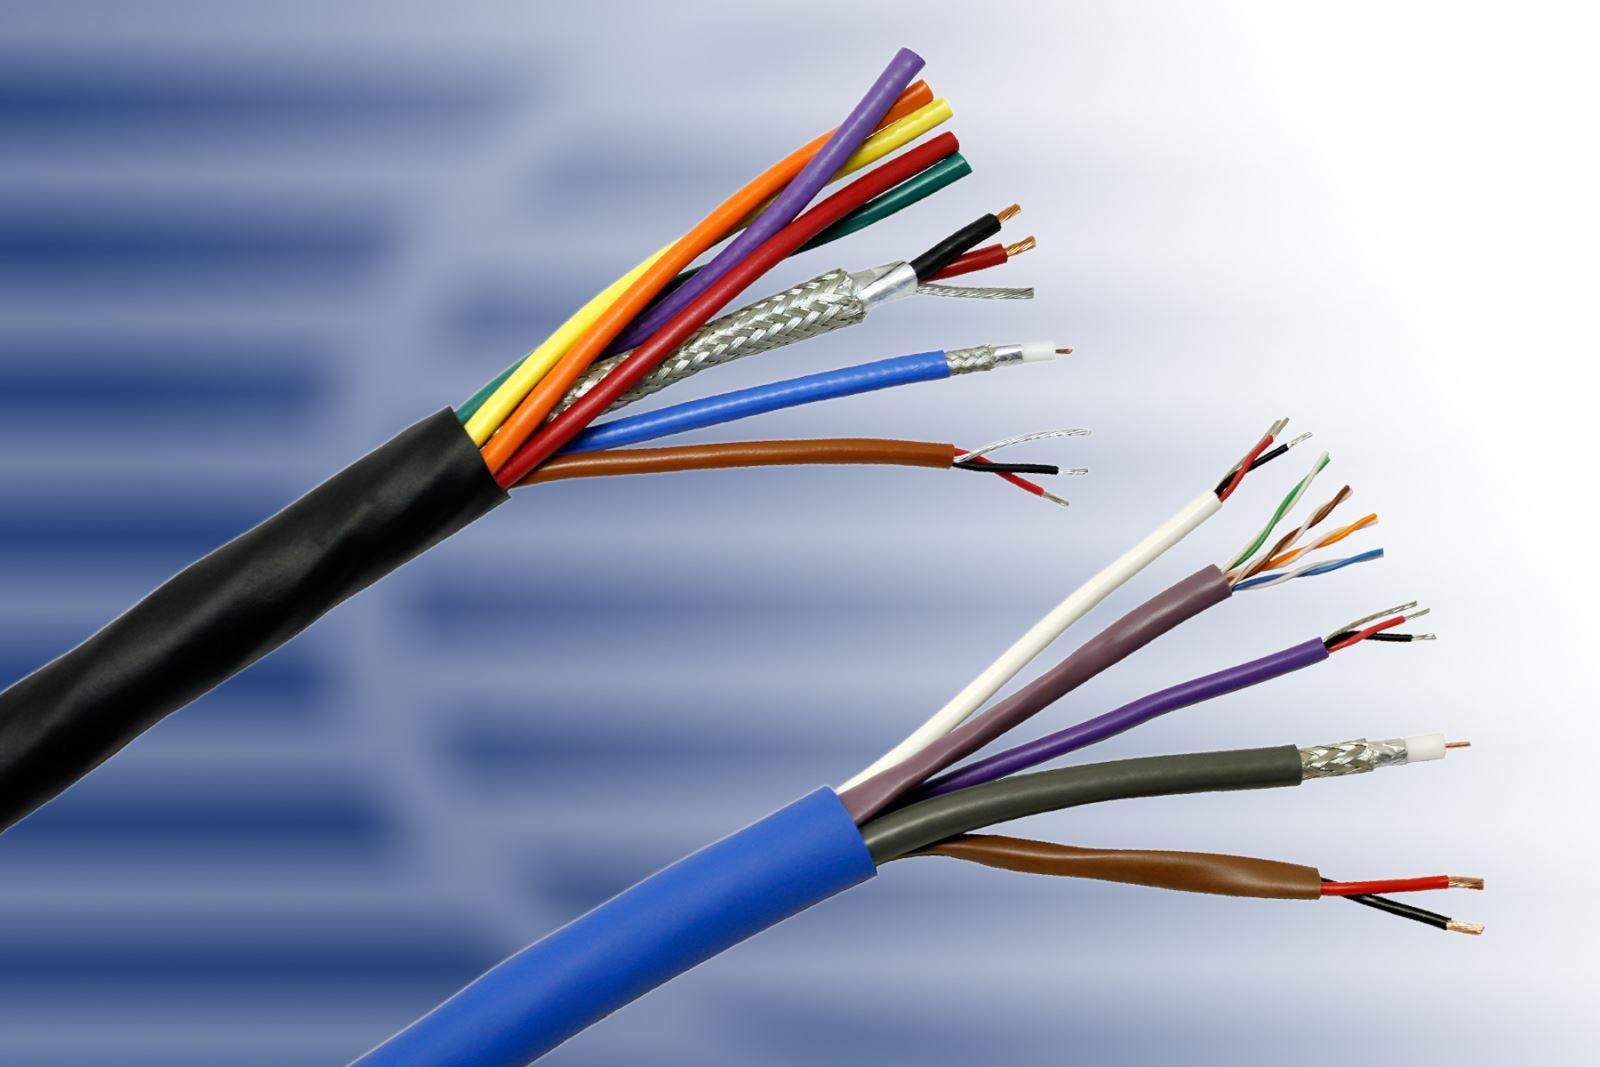 银川可信赖的内蒙古电线电缆哪家好厂家推荐,银川电线电缆